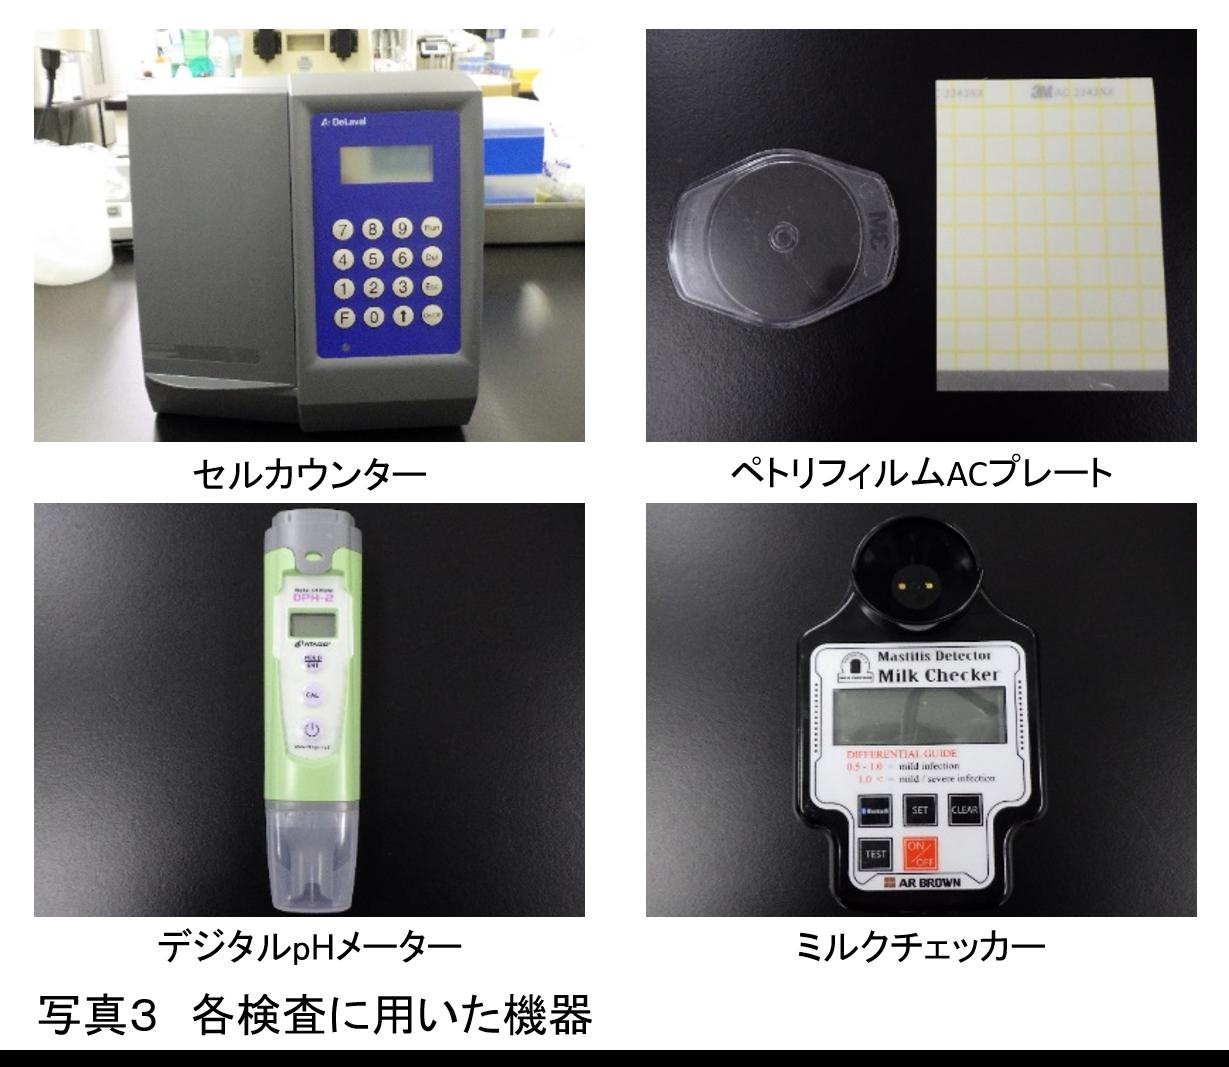 牛乳房炎検査におけるCMT変法の再検証について